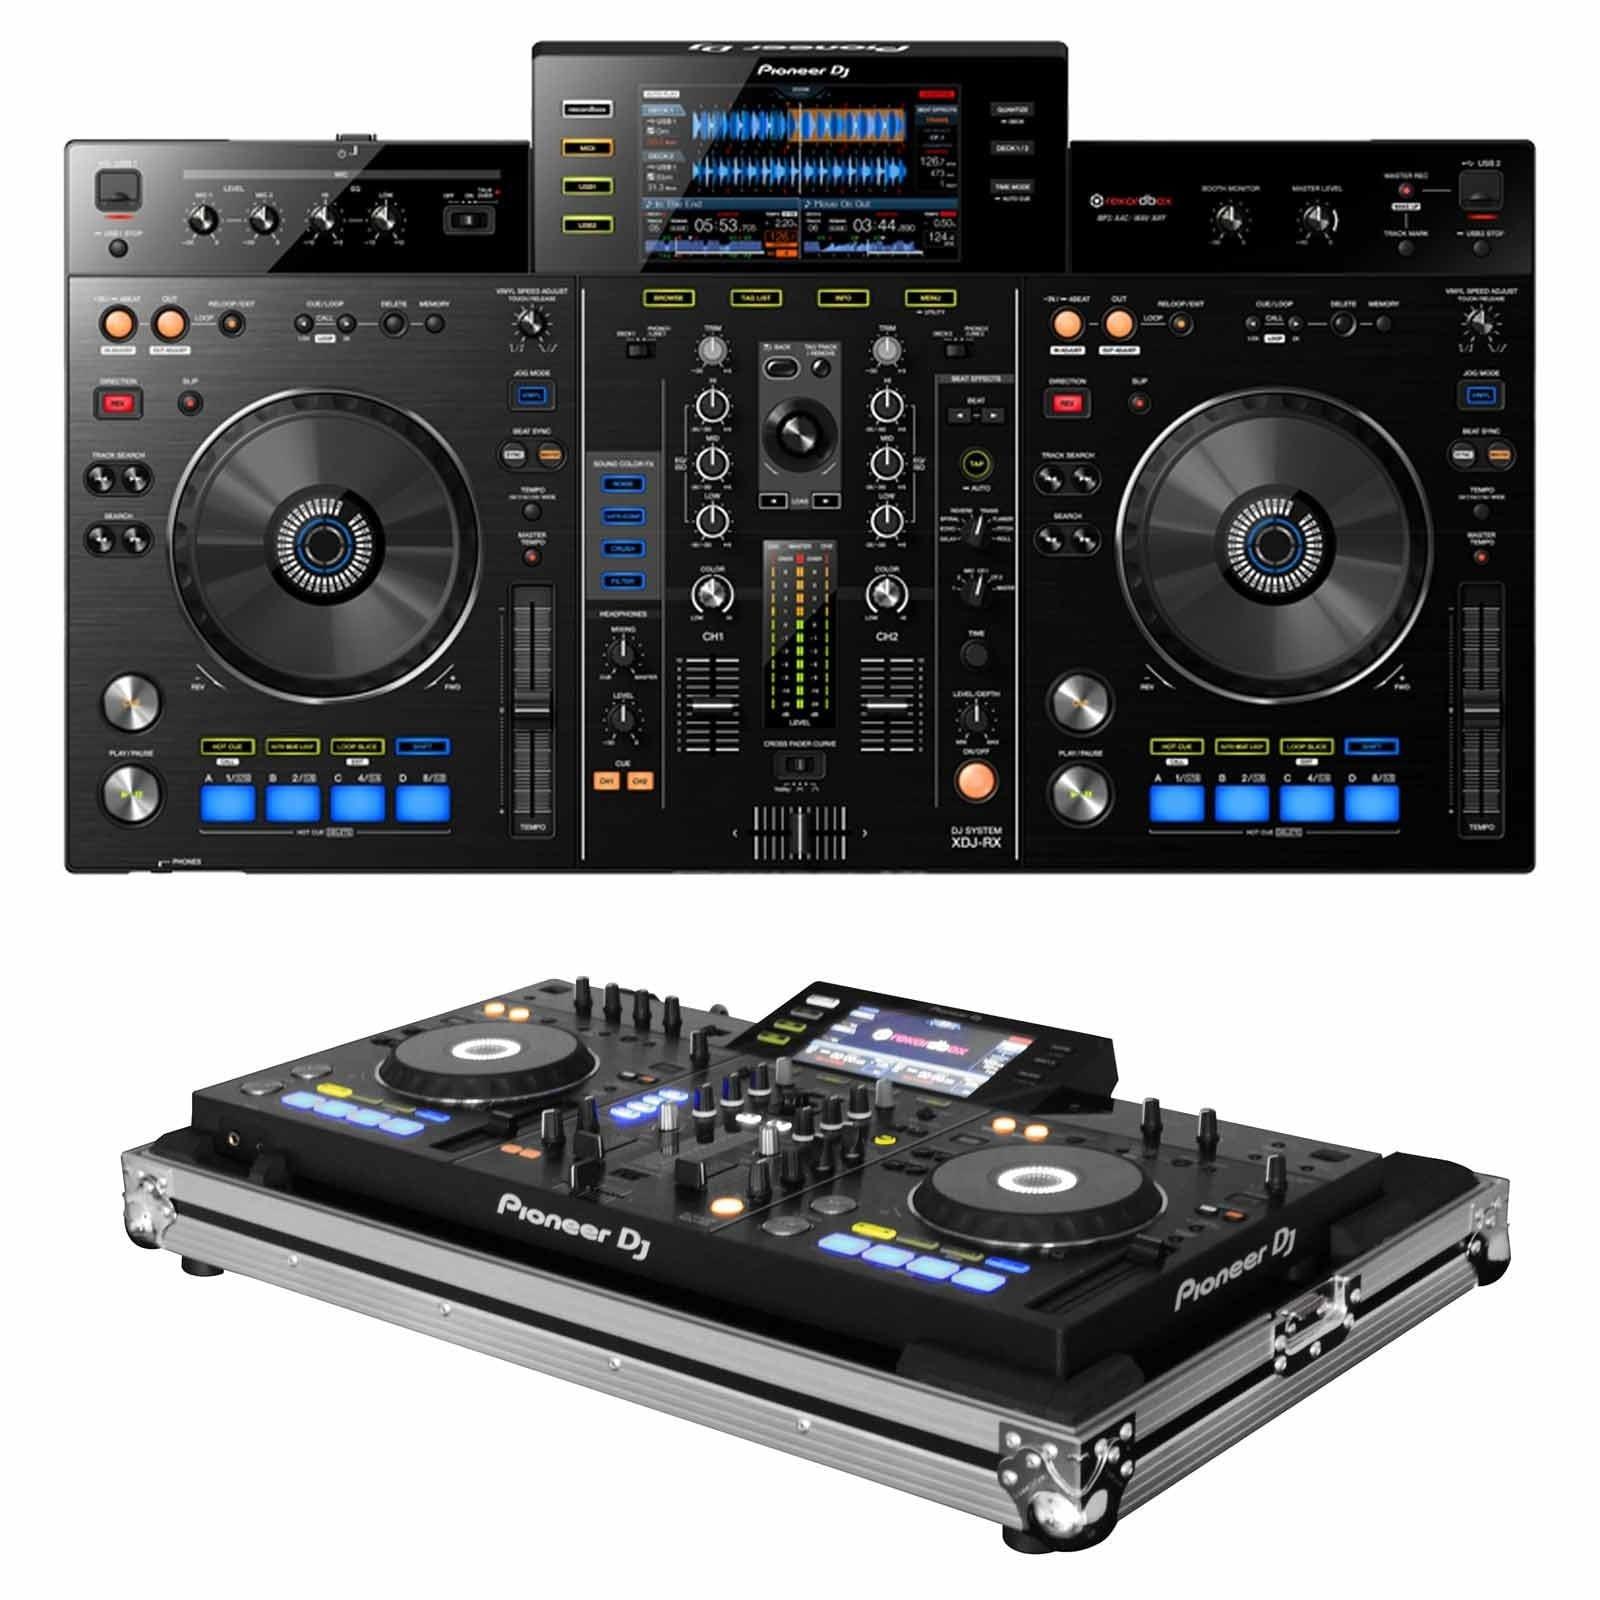 pioneer-dj-xdj-rx-rekordbox-dj-system-flight-case-package-07b.jpg